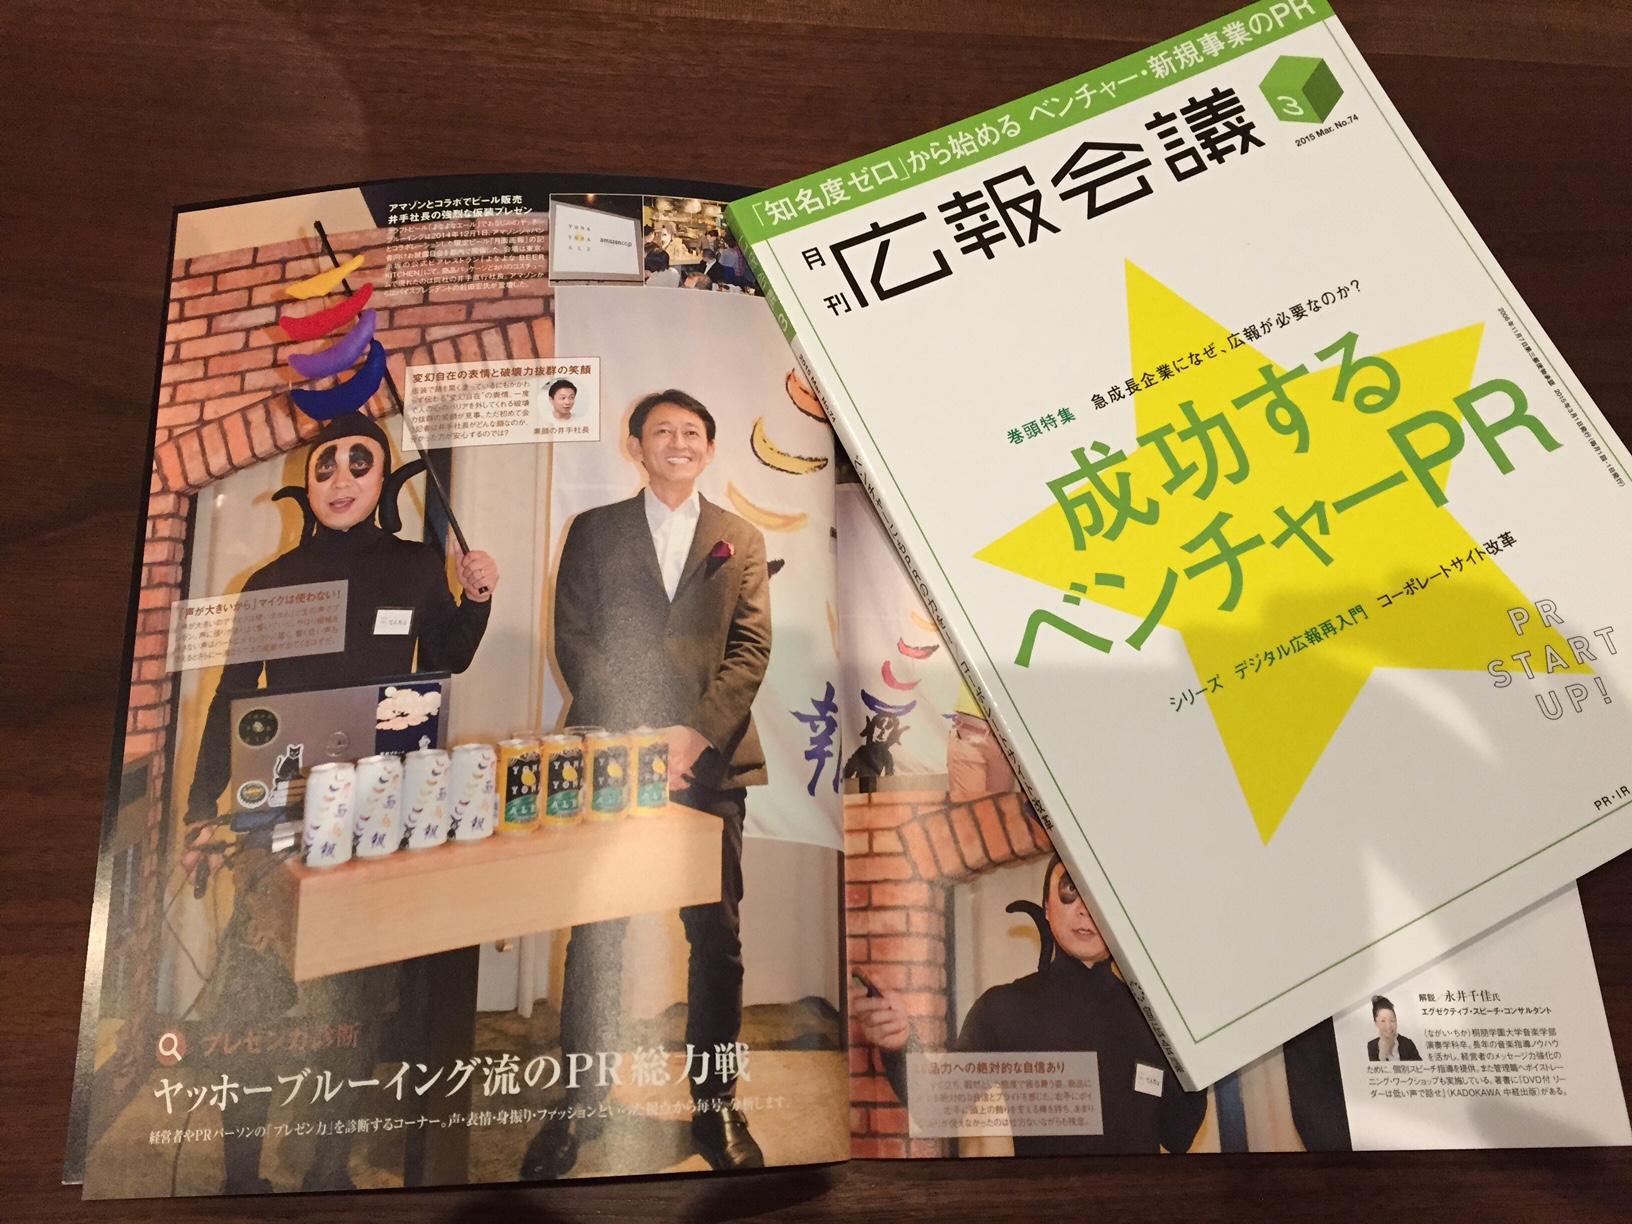 広報会議井手社長社賃3FullSizeRender.jpg